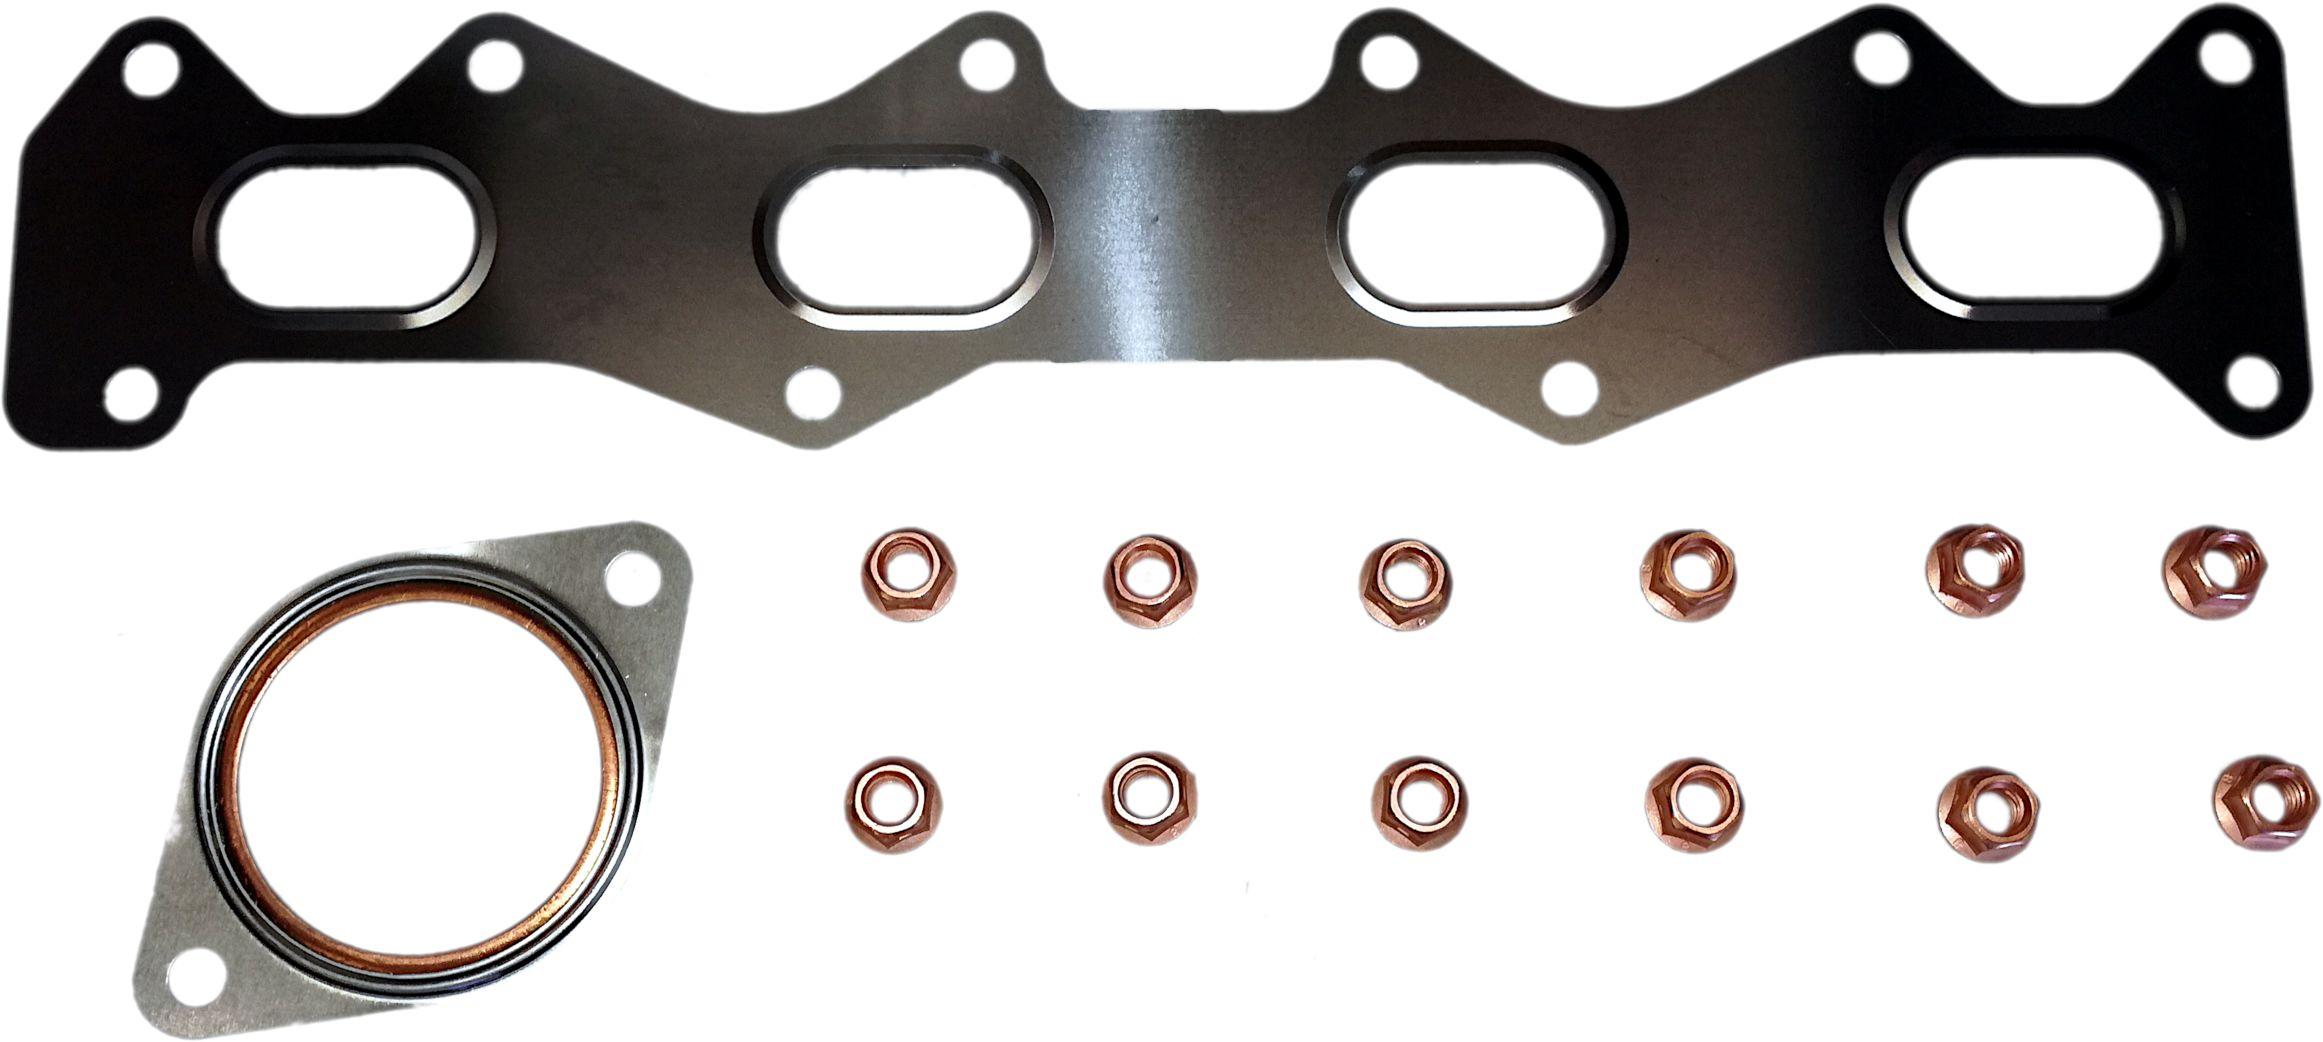 Zestaw montażowy do produktu JMJ1091009